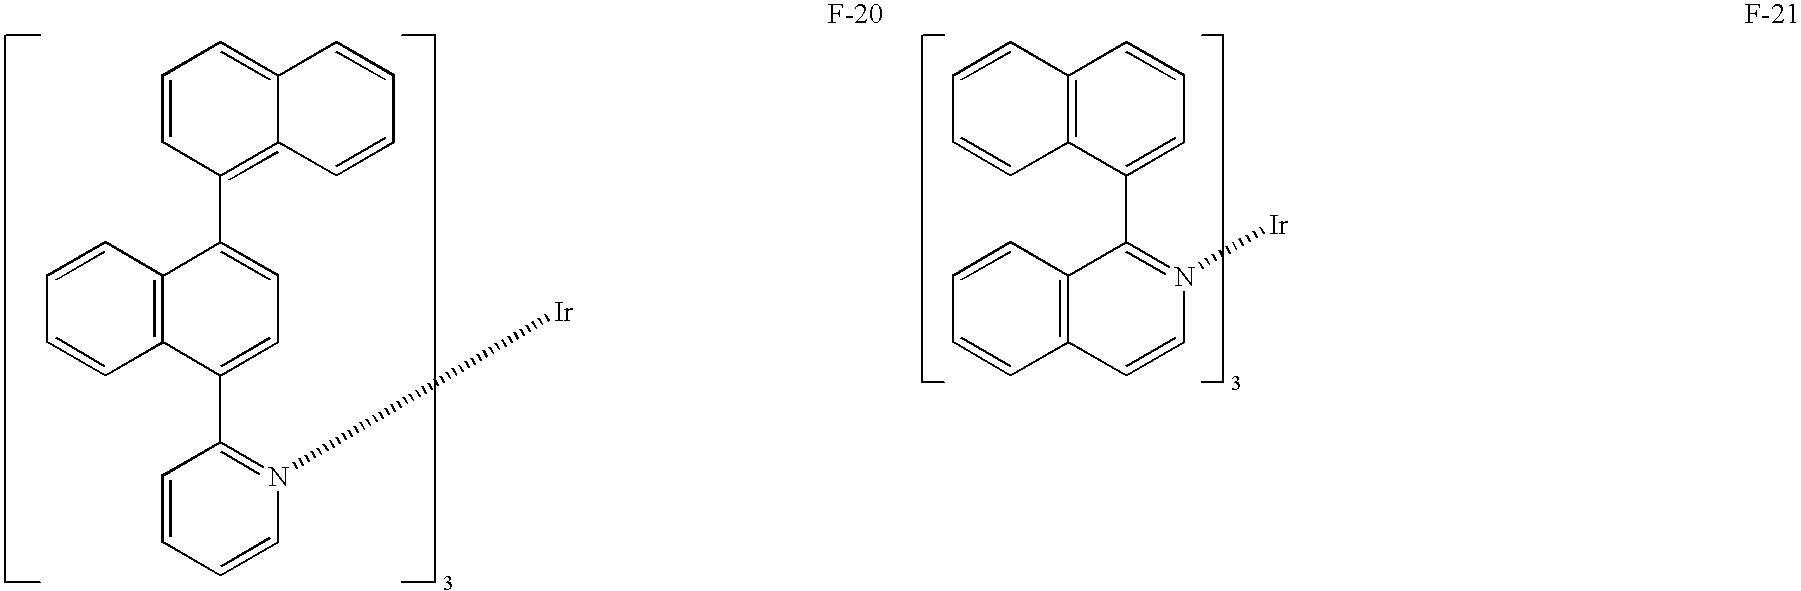 Figure US20040062951A1-20040401-C00045